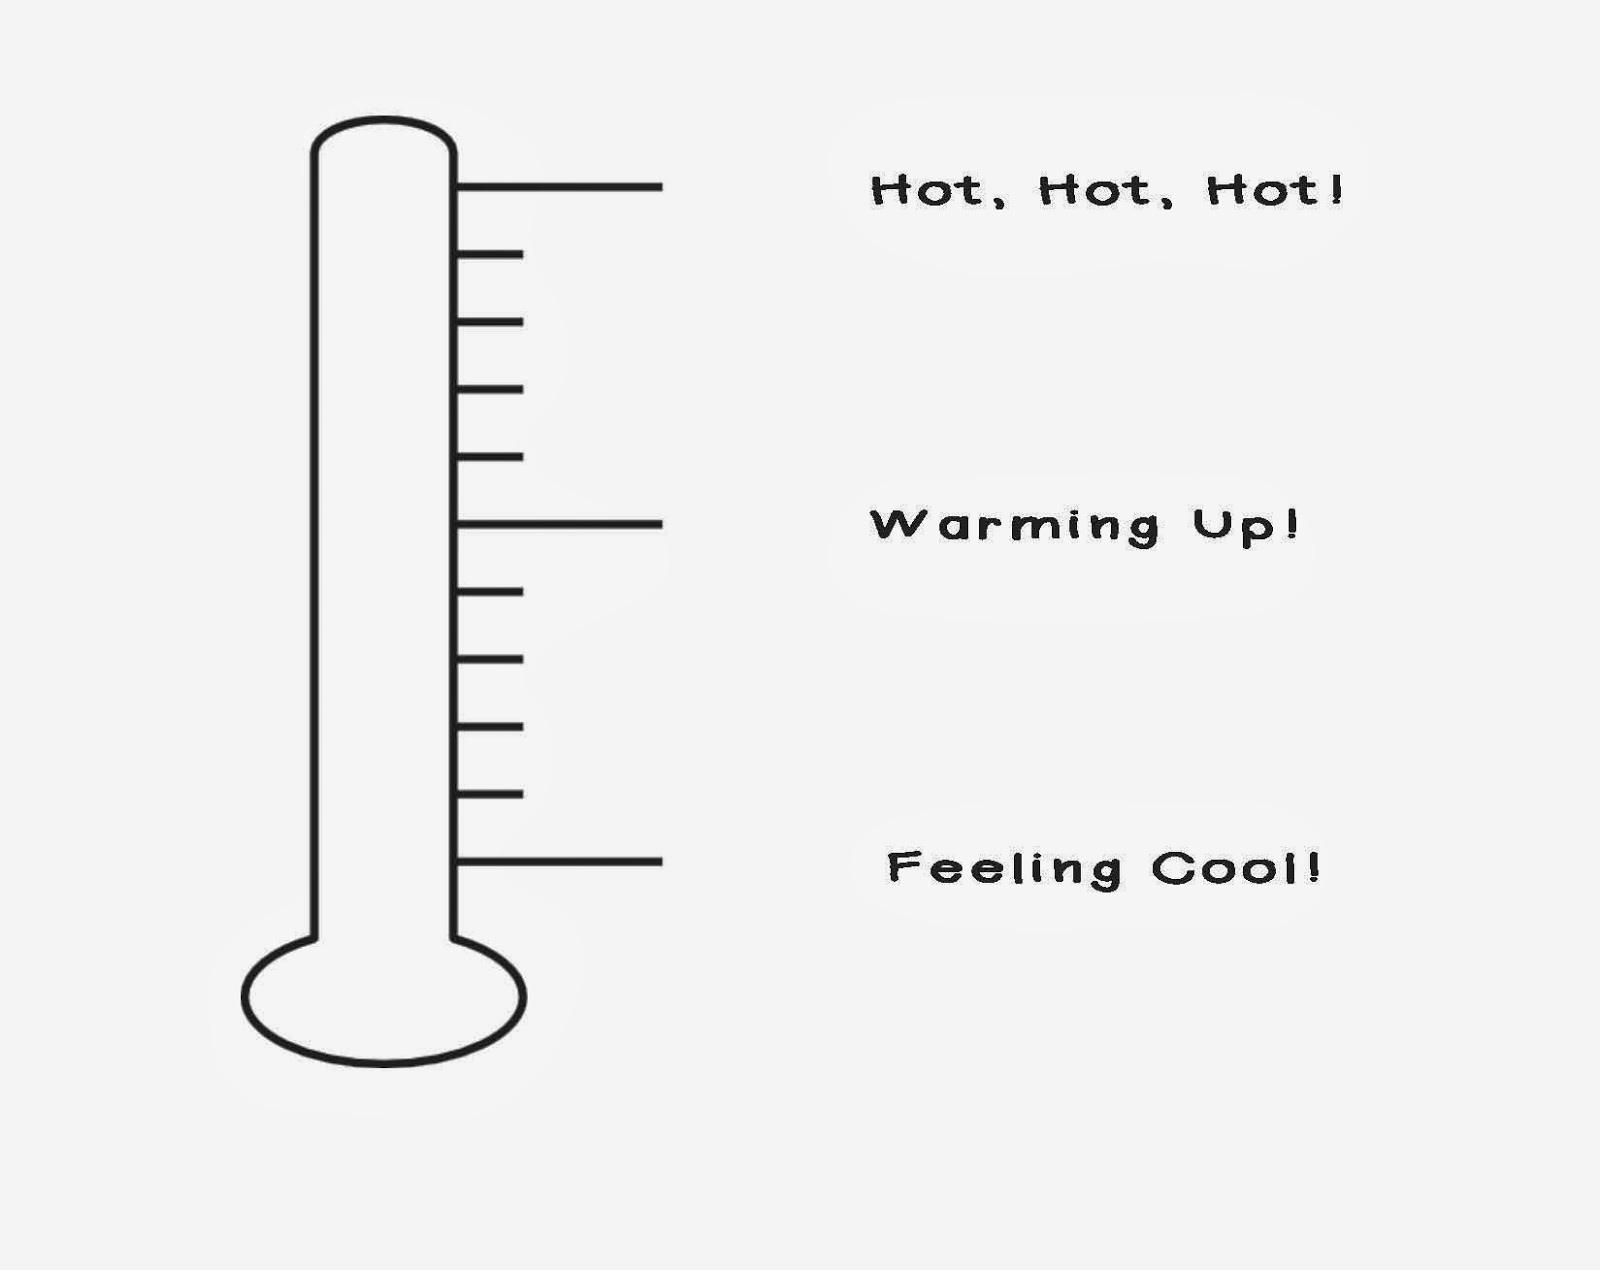 Anger thermometer Worksheet Elegant Anger thermometer Worksheet Printable Print